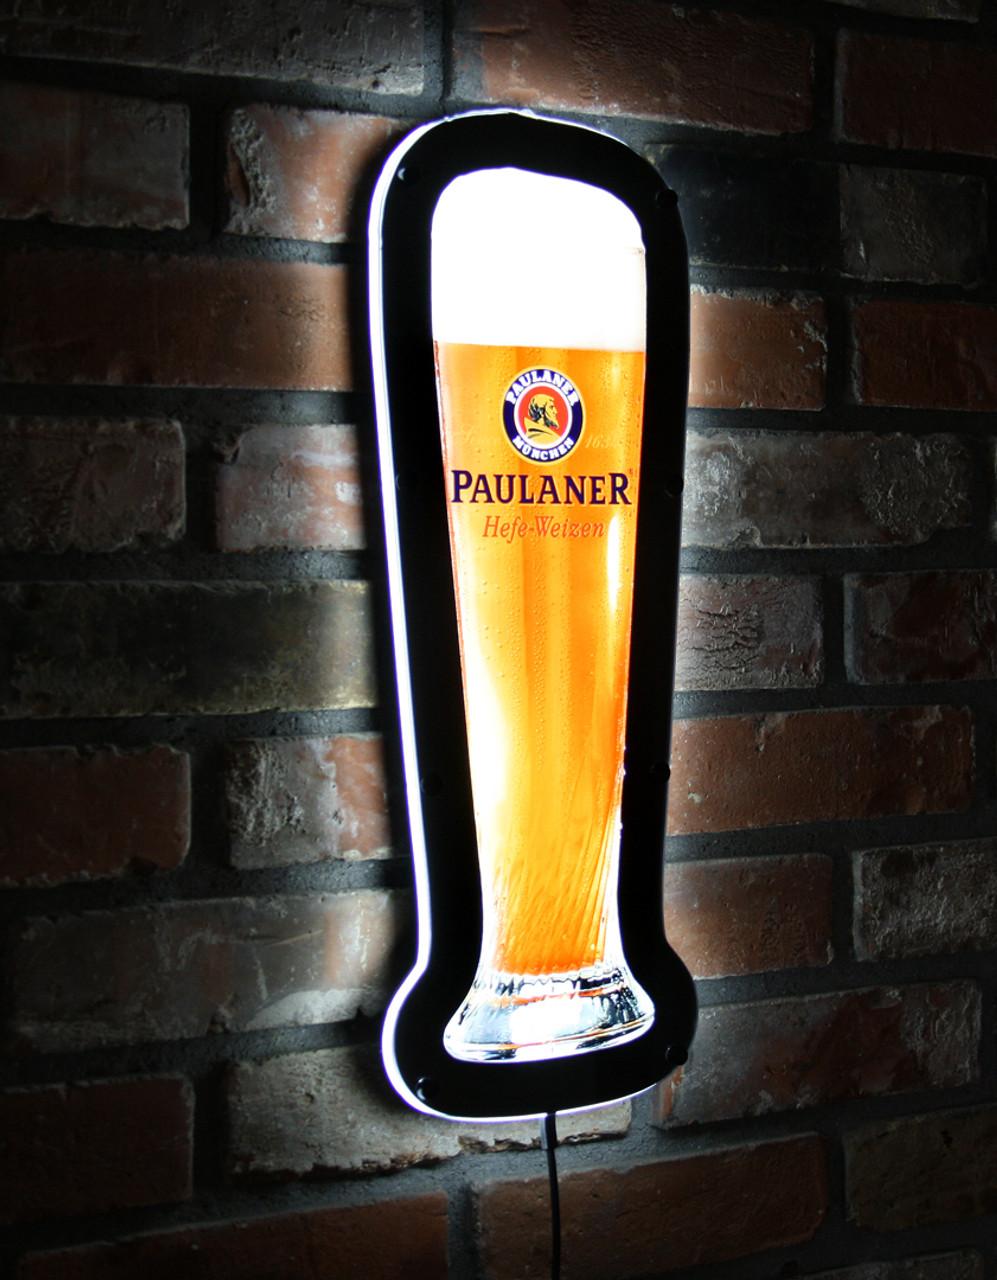 LED sign shown lit.